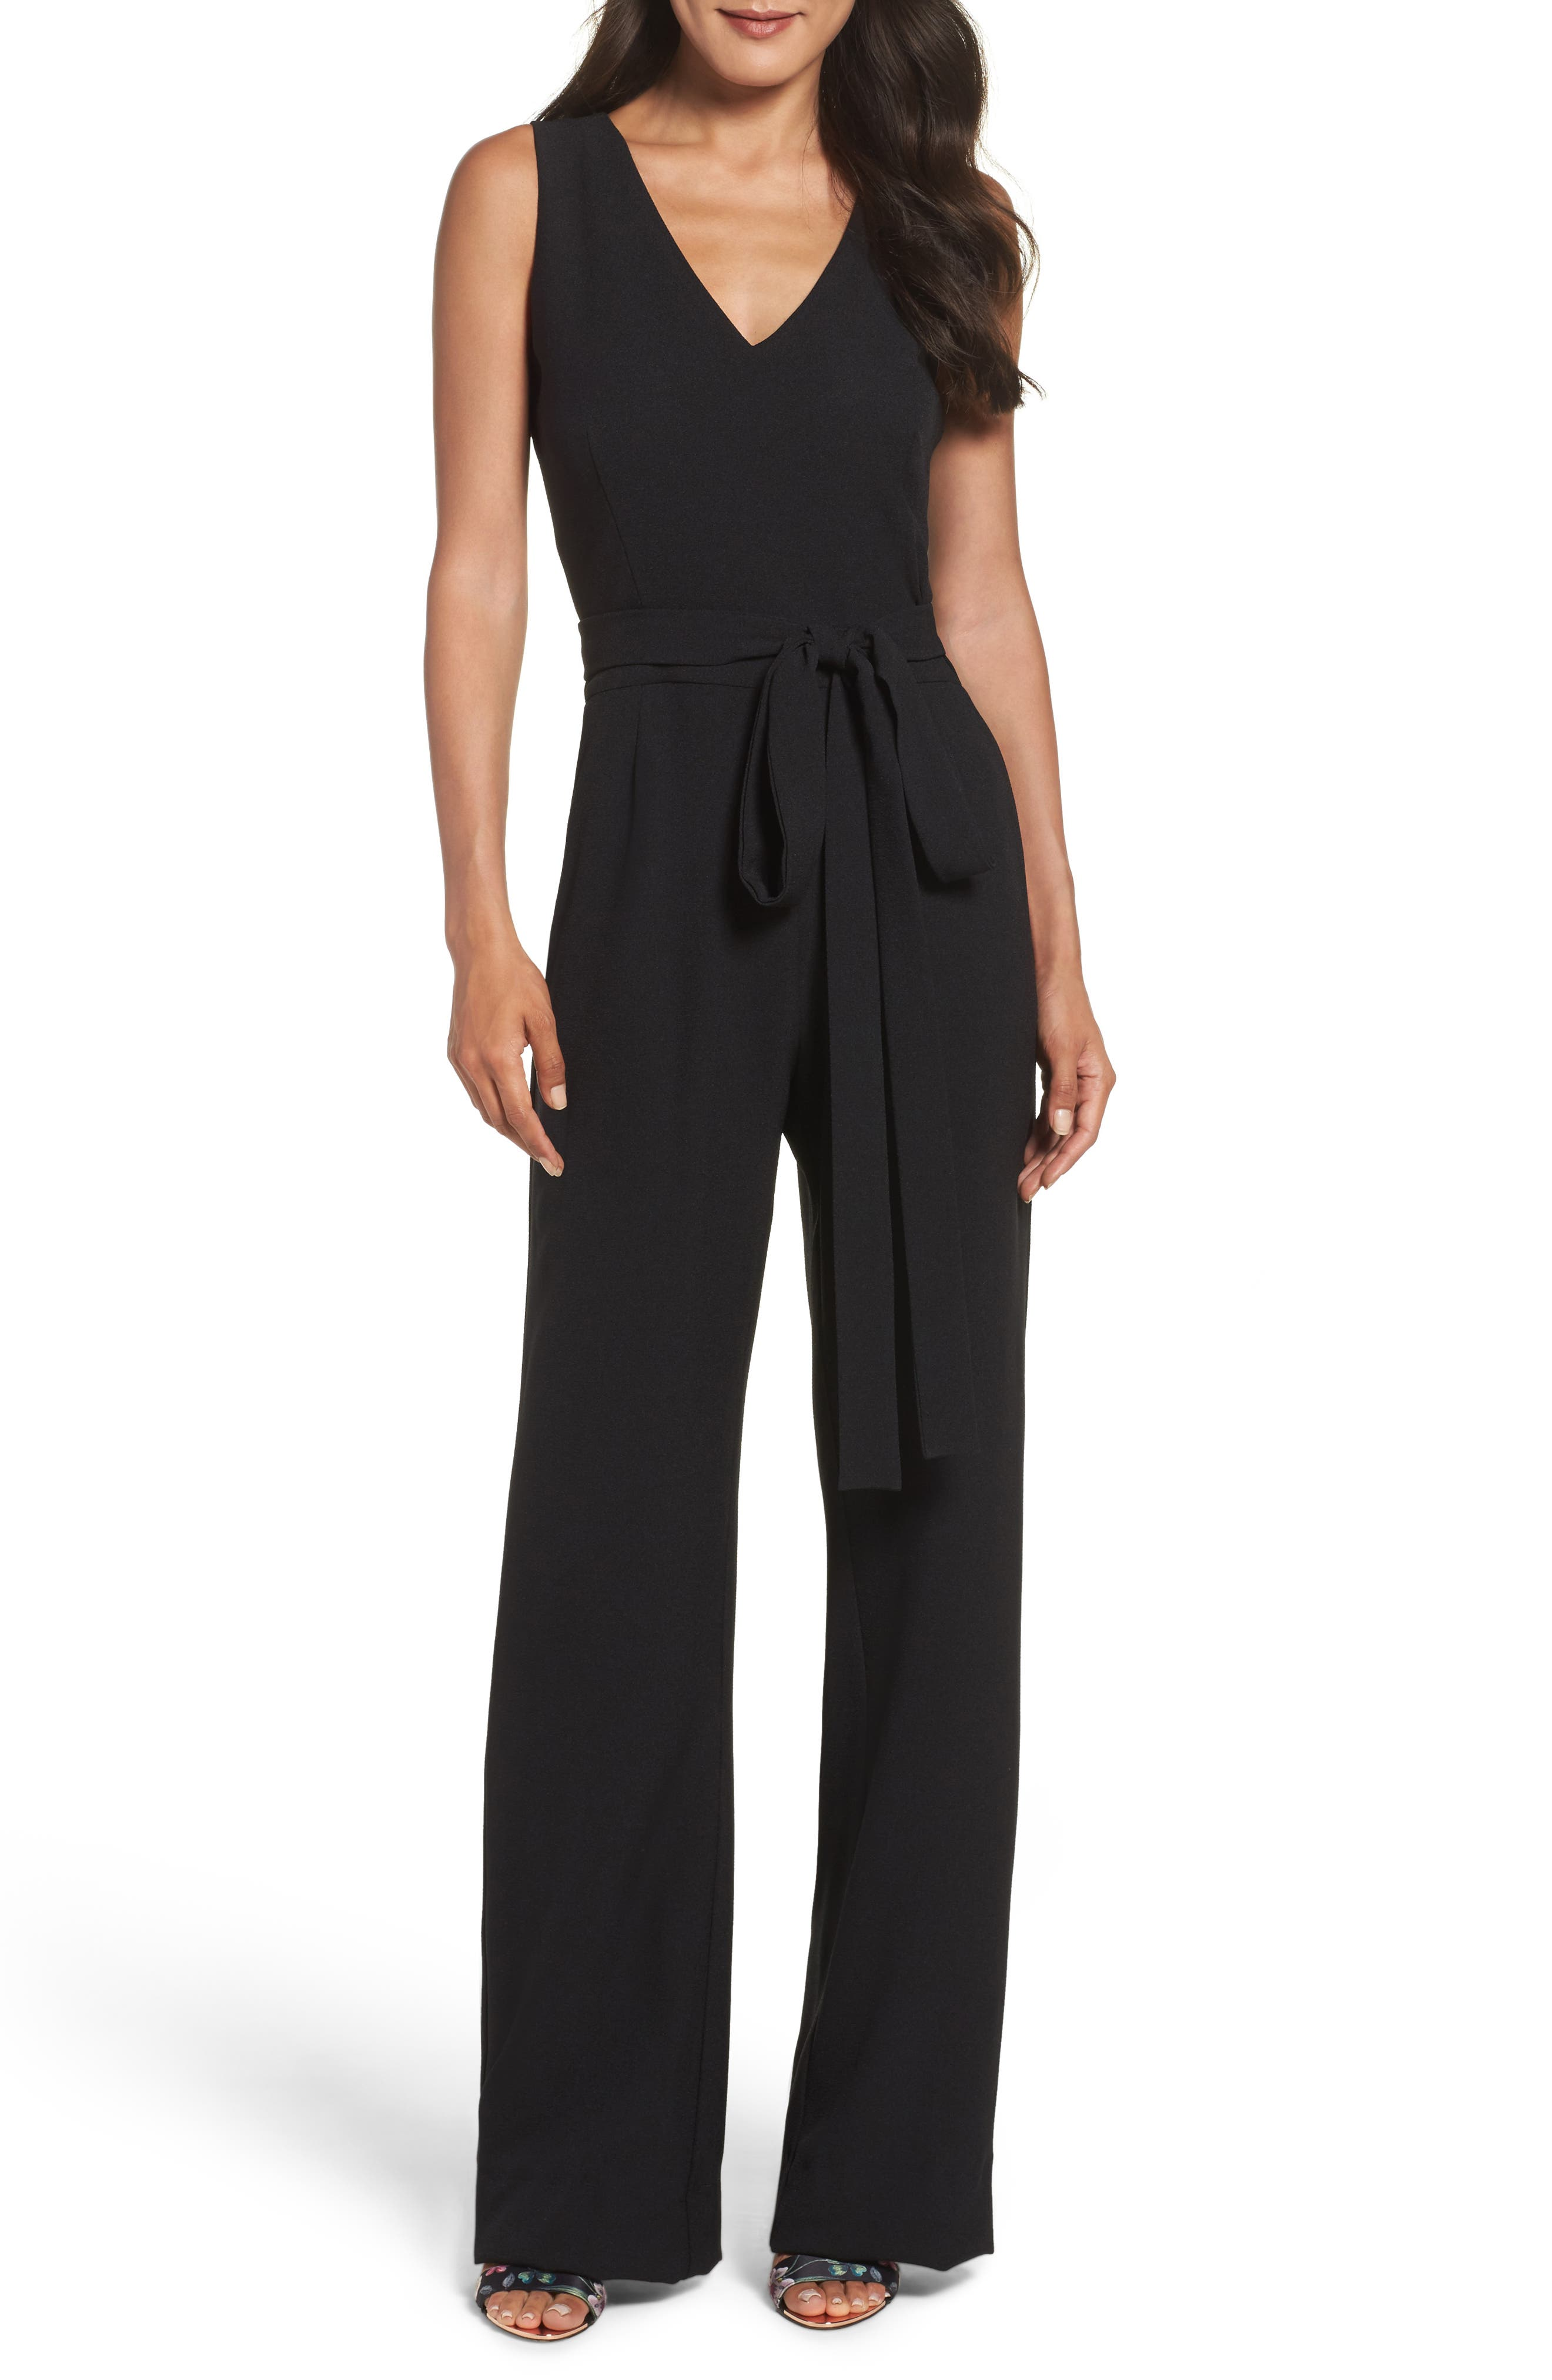 VINCE CAMUTO, Tie Front Wide Leg Jumpsuit, Main thumbnail 1, color, BLACK